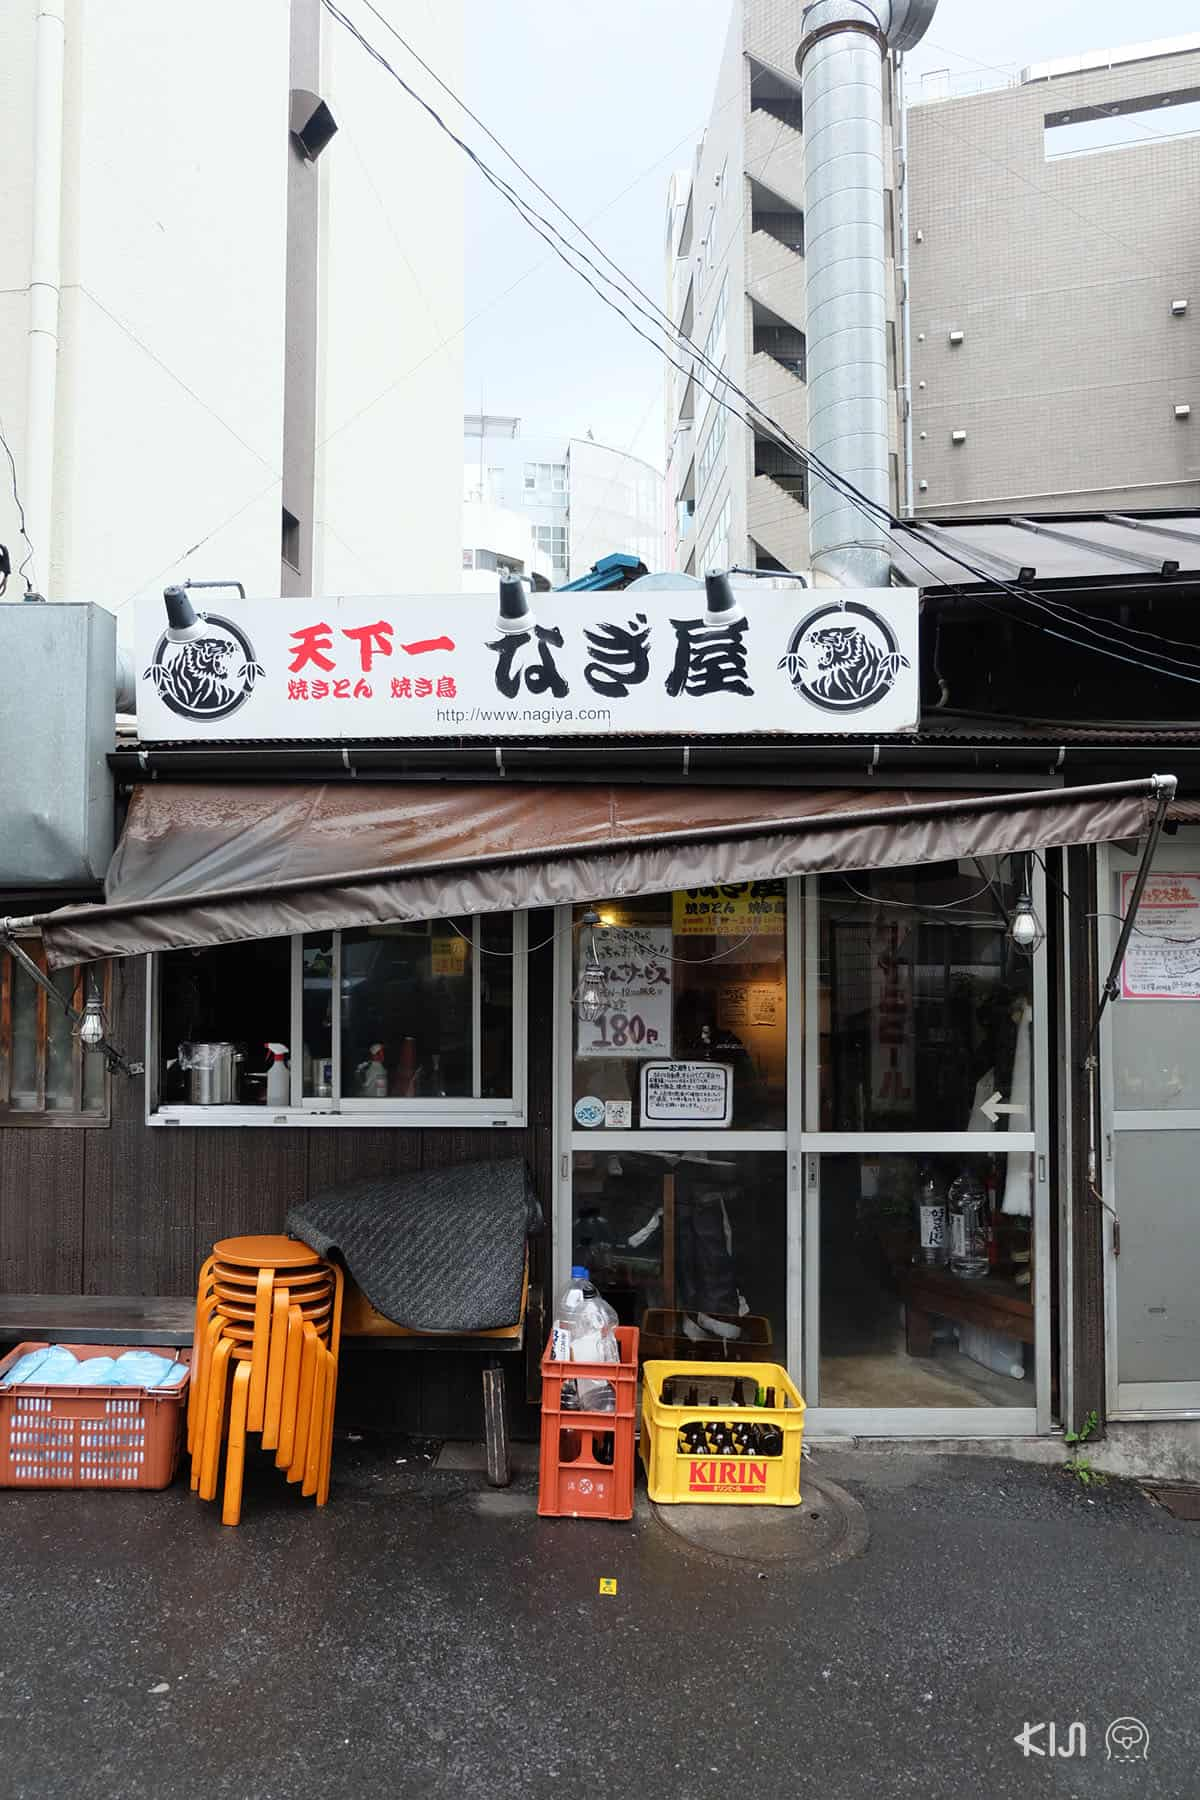 นากิยะ (Nagiya) คือร้านอิซากายะออริจินัลจากญี่ปุ่นที่เปิดกิจการมากว่า 12 ปี